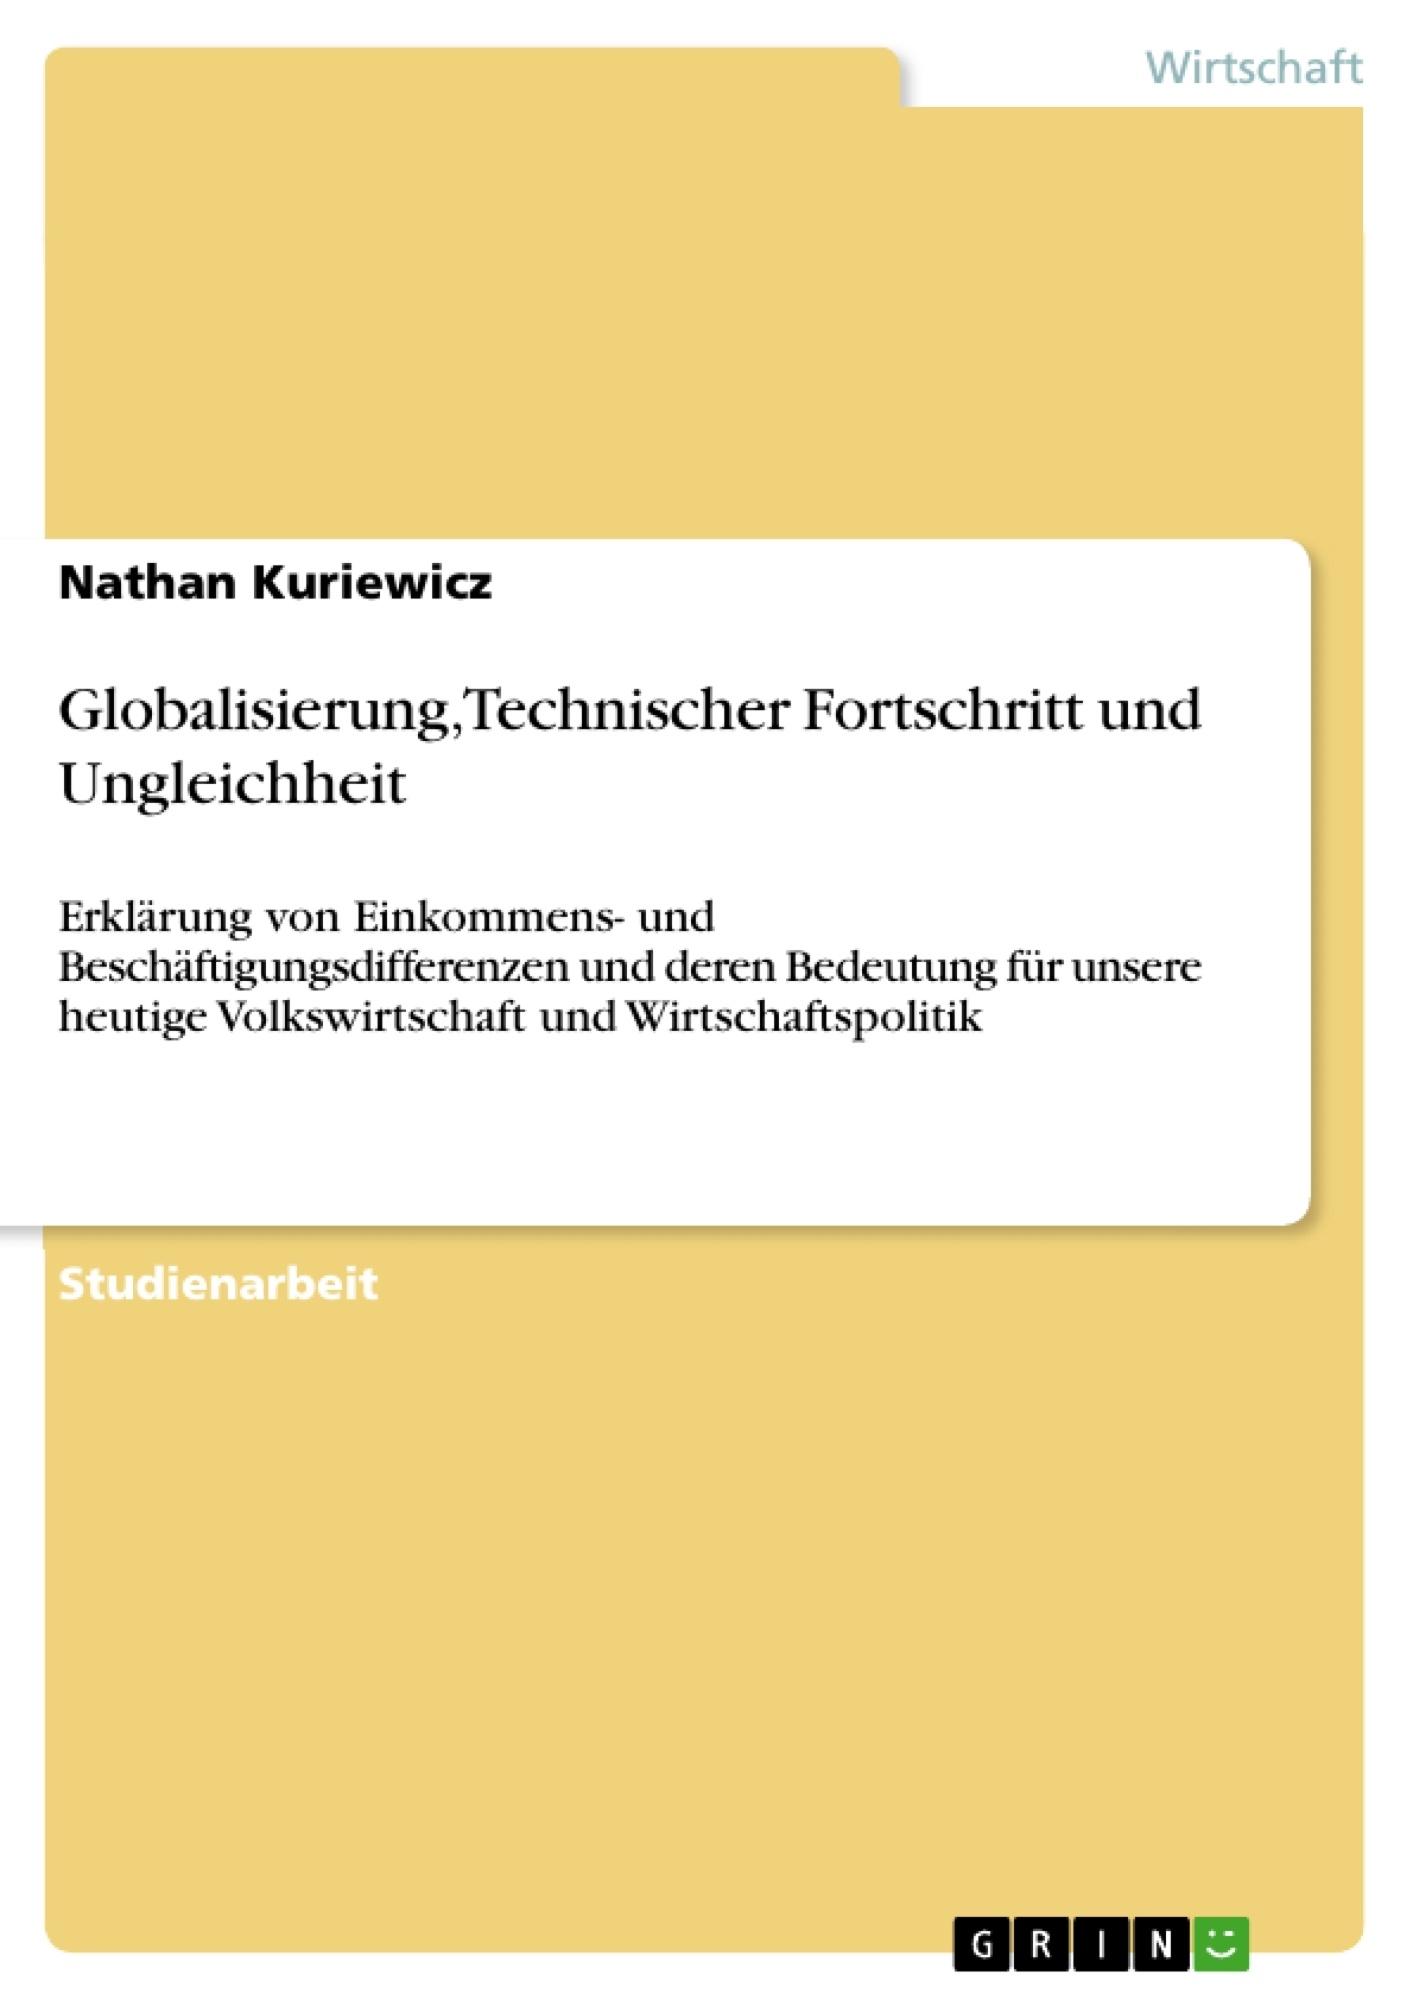 Titel: Globalisierung, Technischer Fortschritt und Ungleichheit